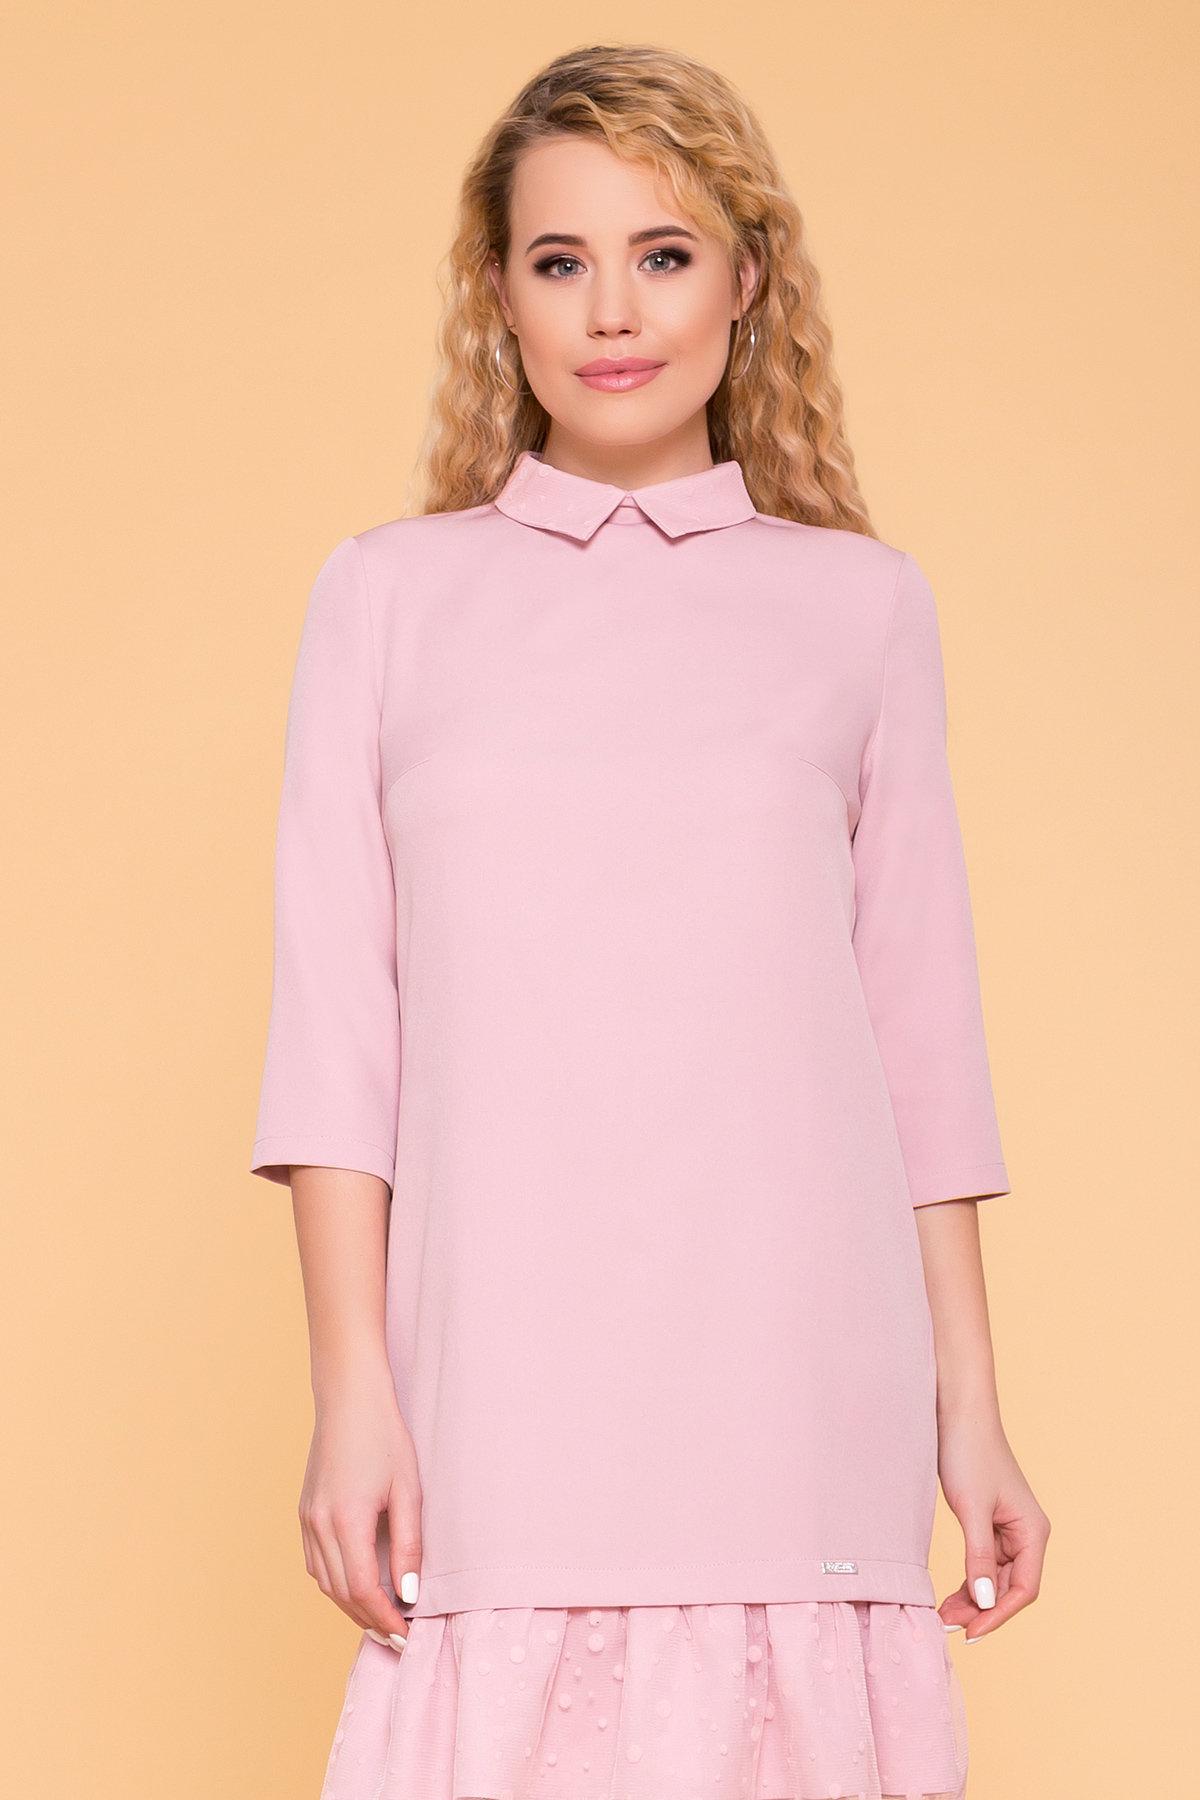 Платье Грейси 5949 АРТ. 41719 Цвет: Пудра 138 - фото 3, интернет магазин tm-modus.ru